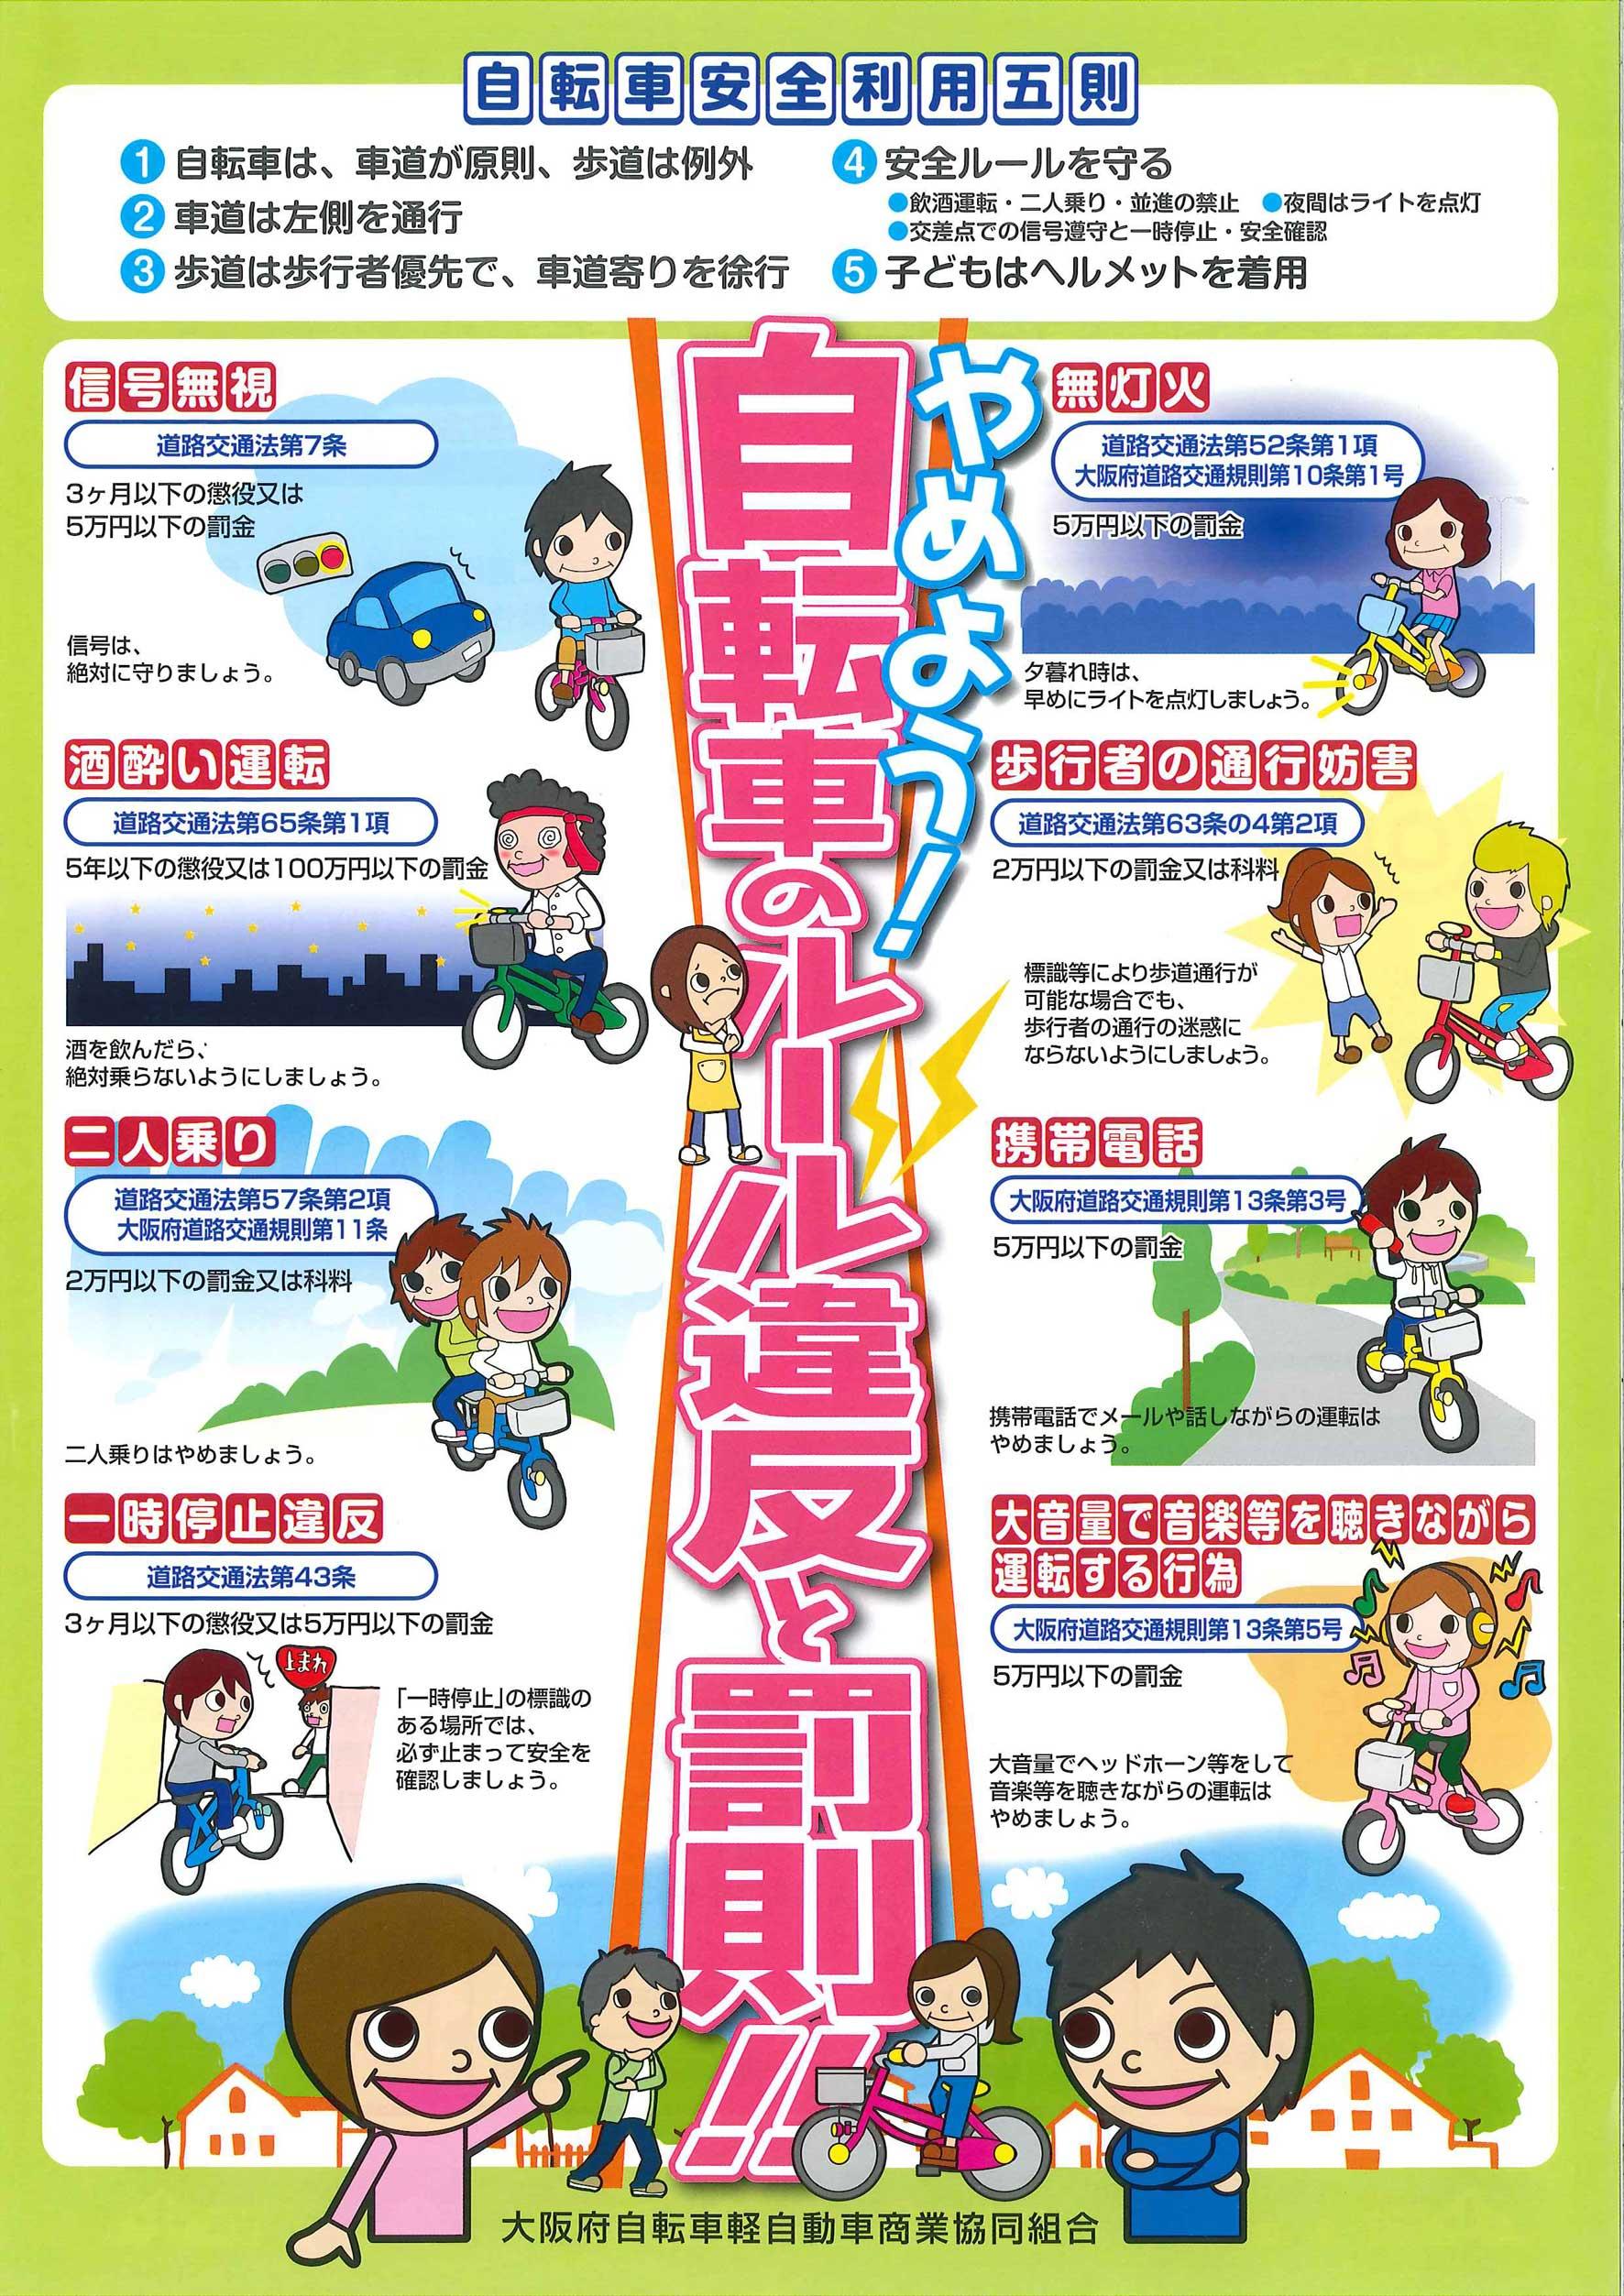 自転車安全利用5則